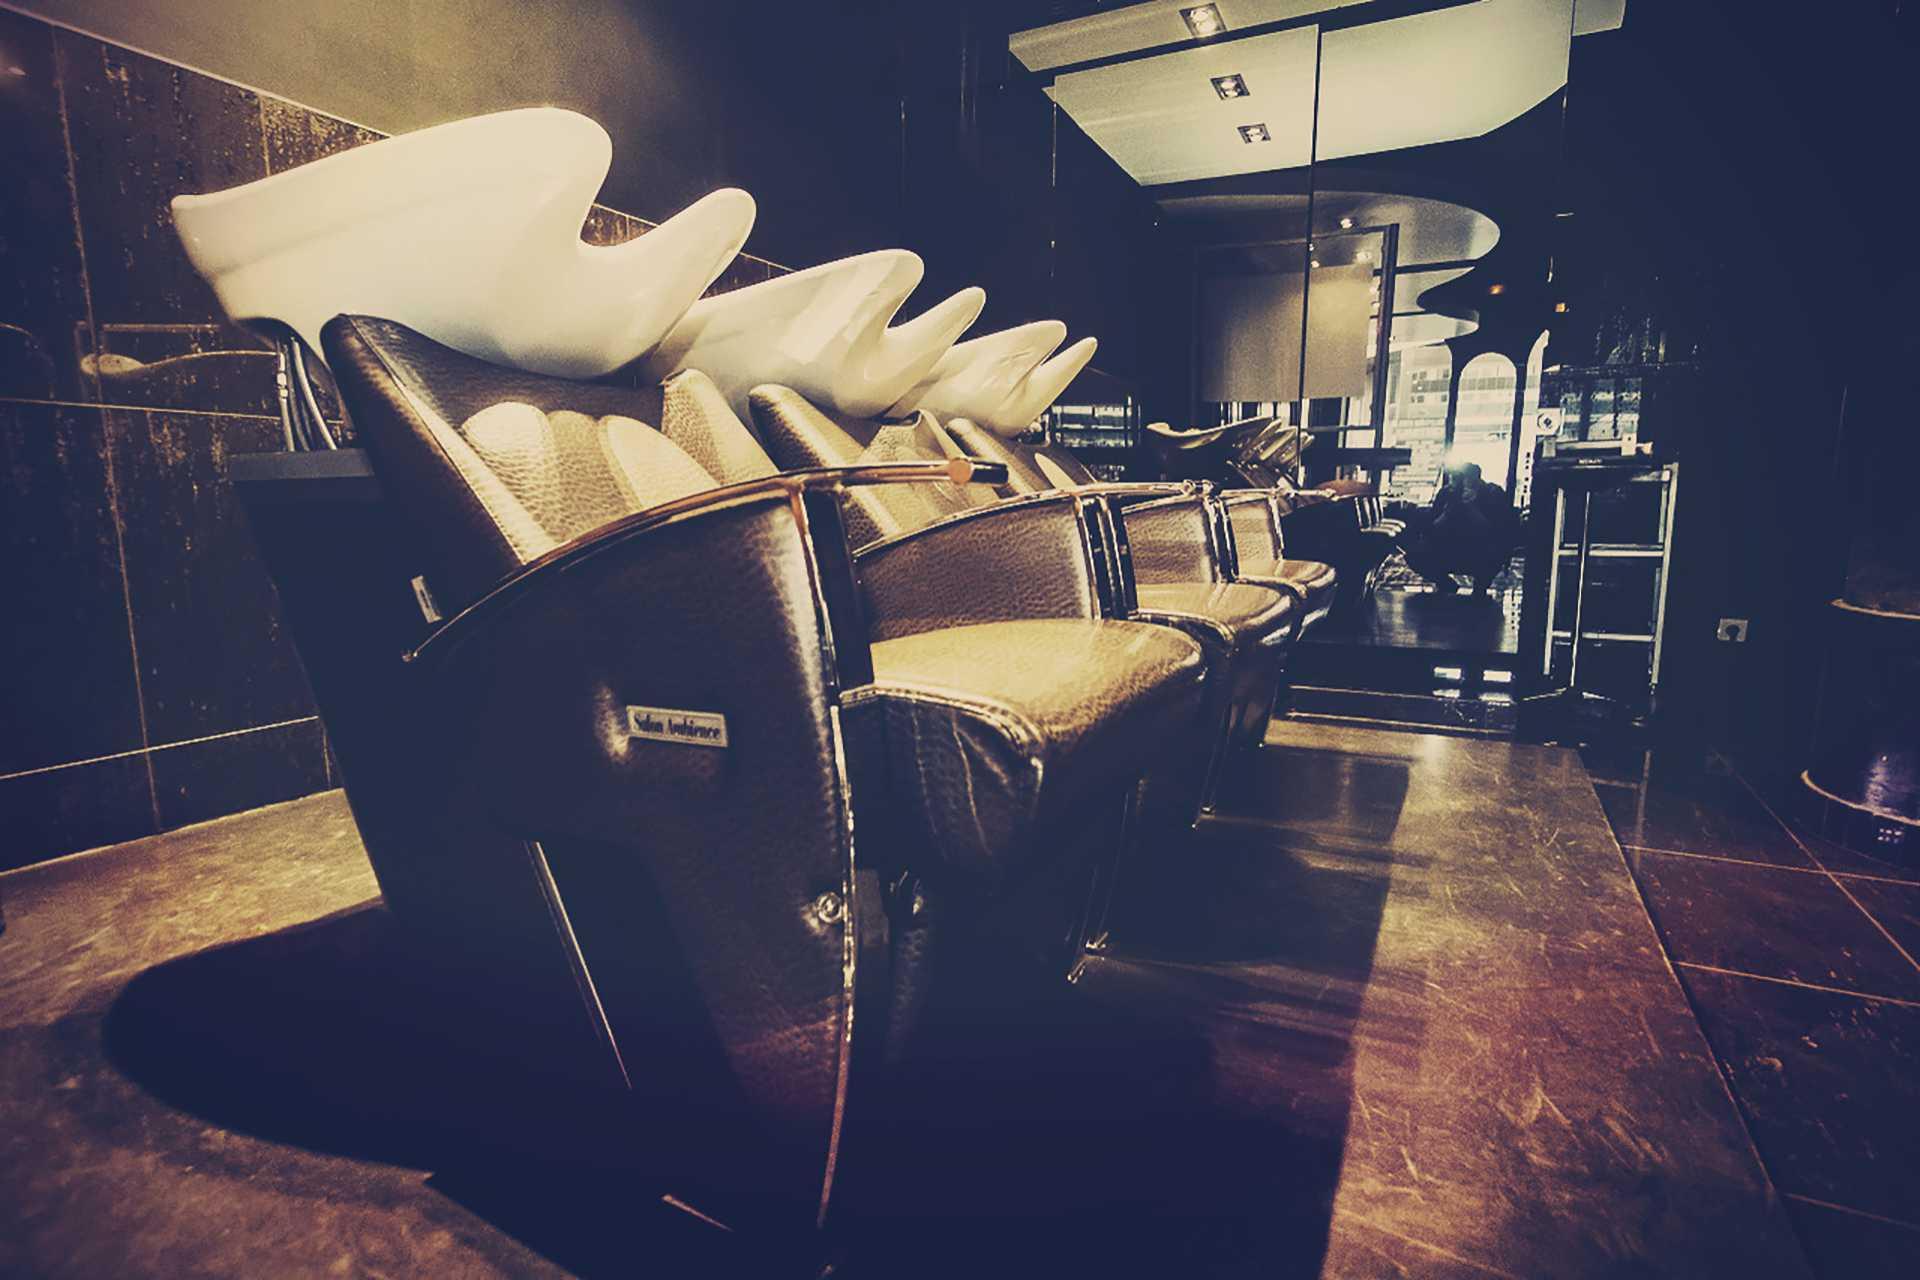 salon-de-coiffure-le-lab-montpellier